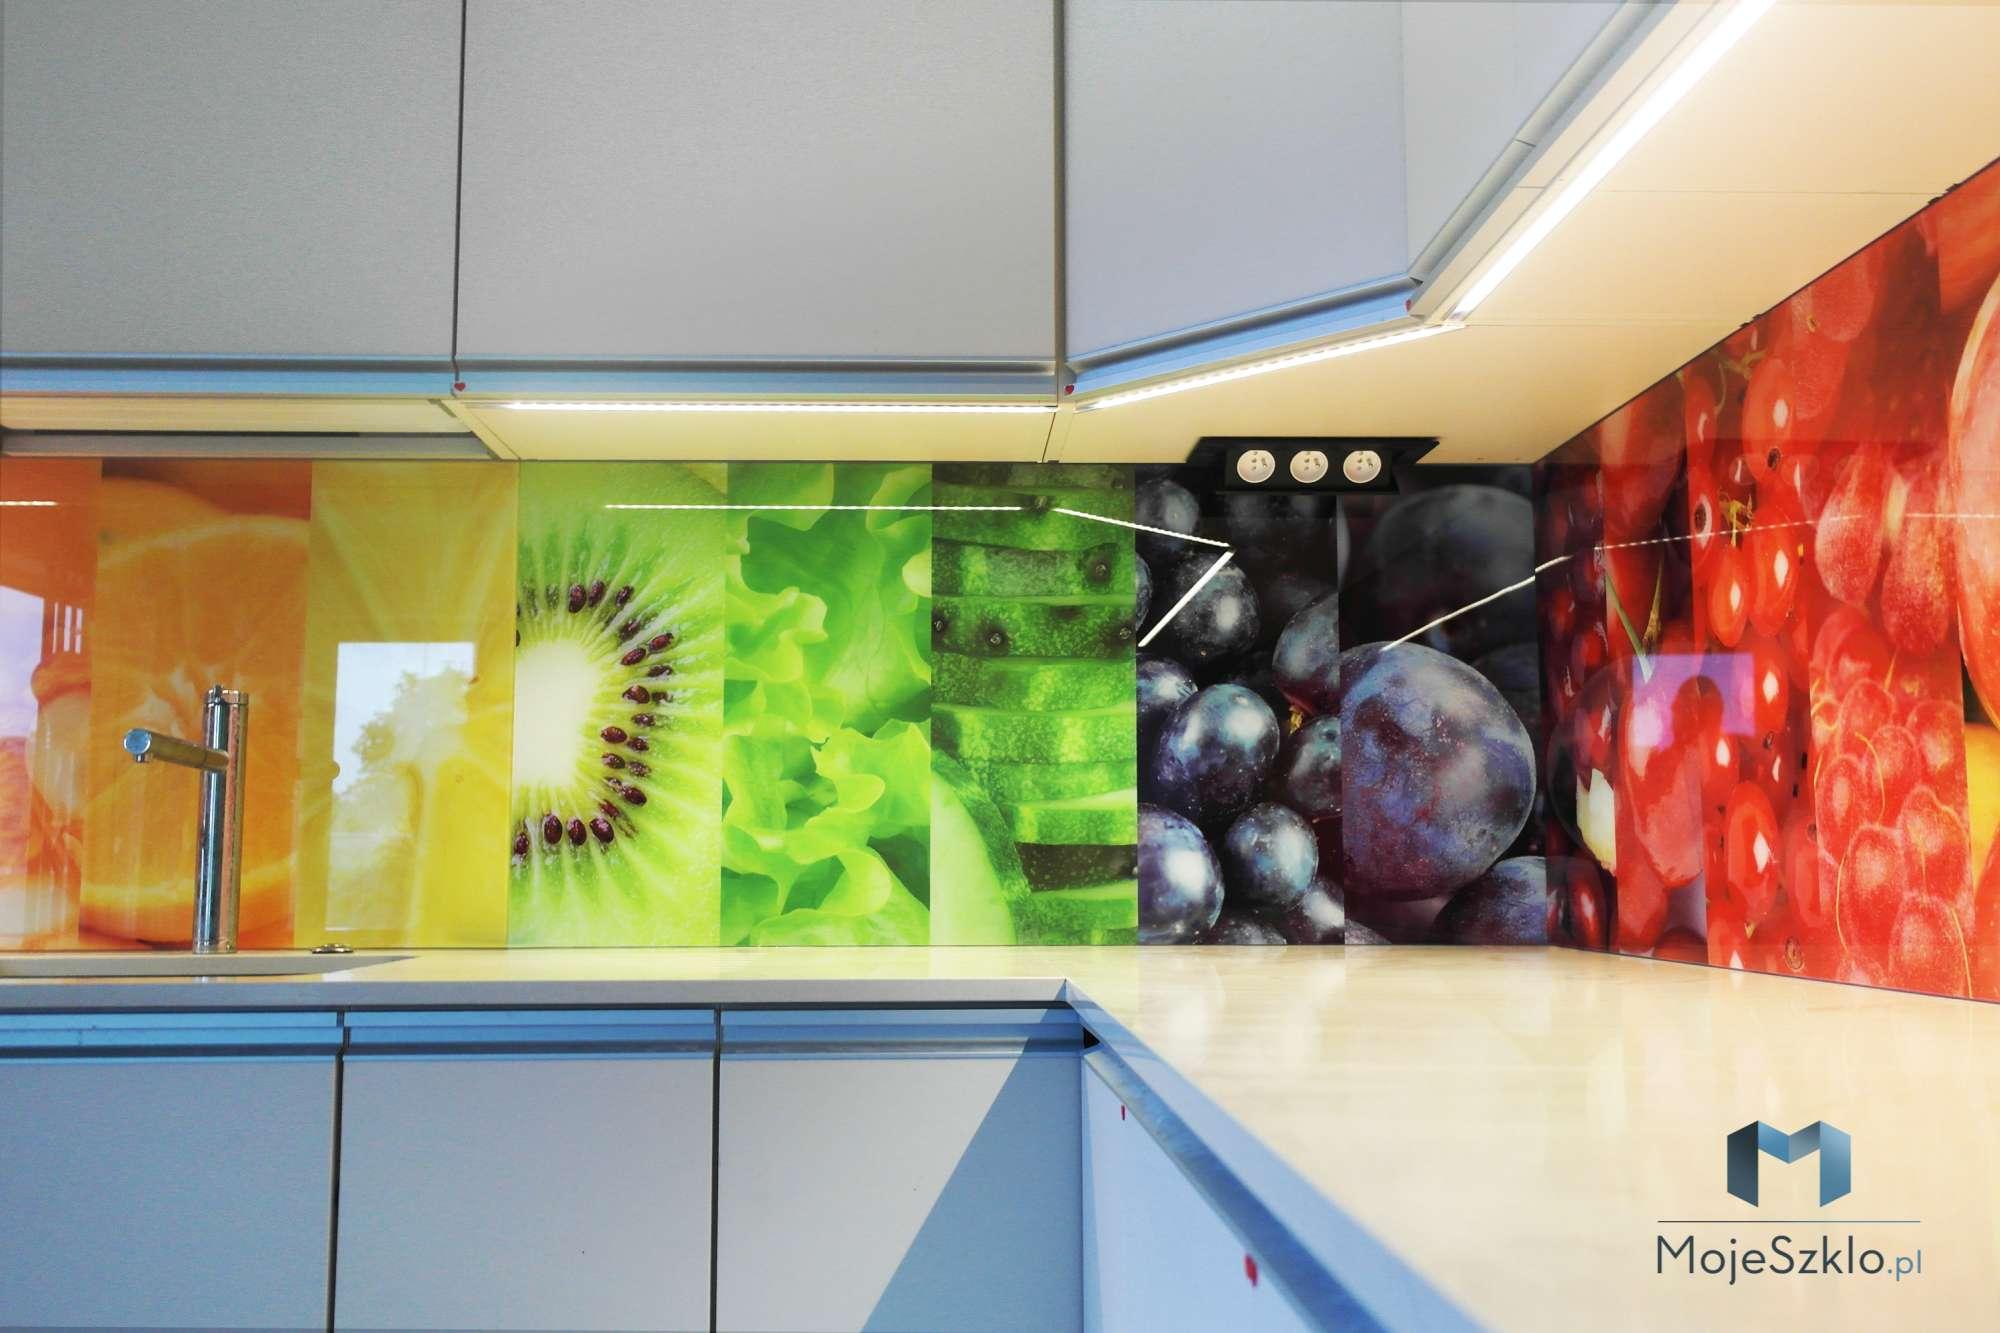 Szklo W Kuchni Owoce - Lustro w kuchni. Panele lustrzane do kuchni